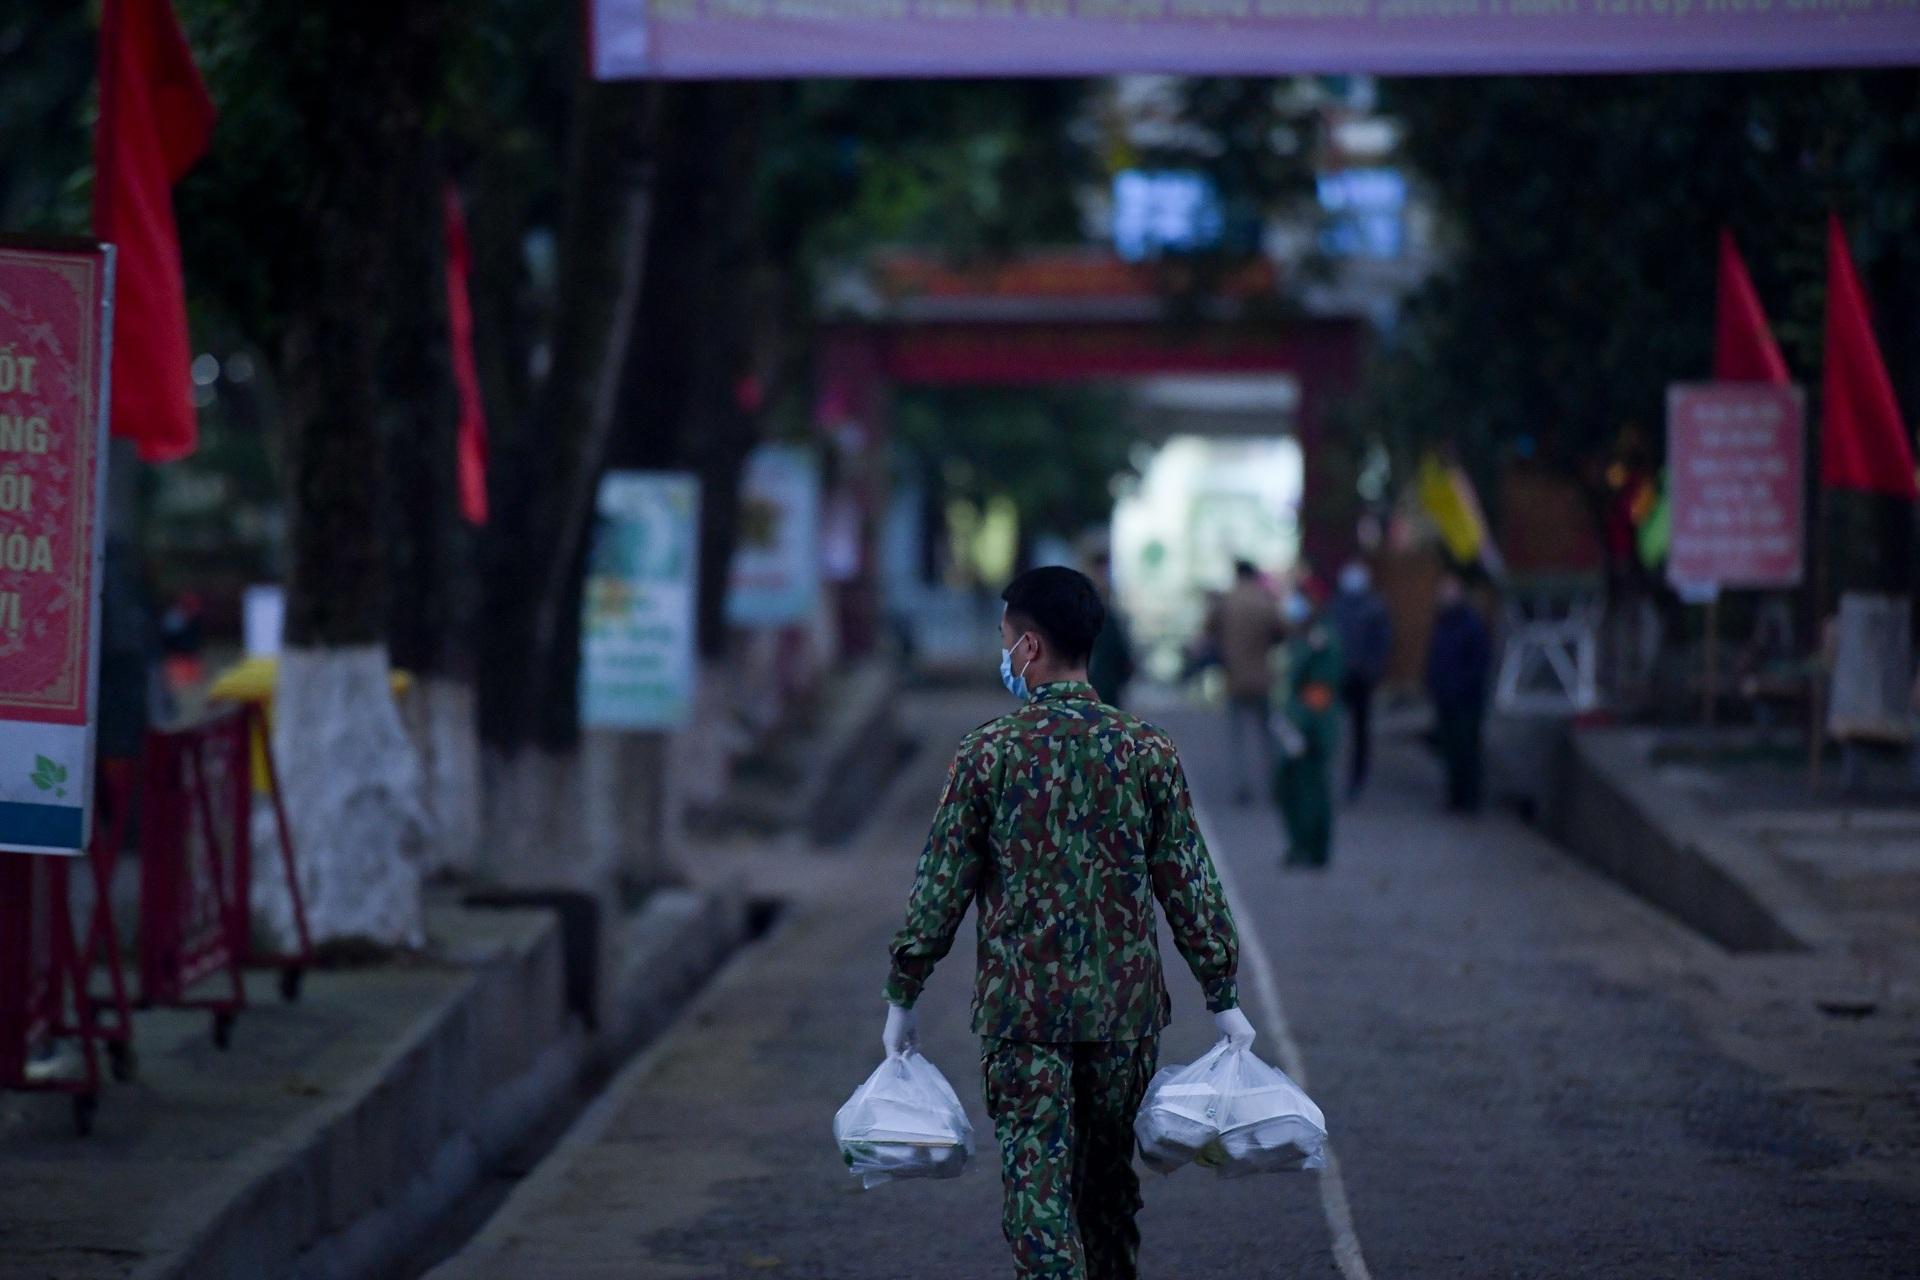 Chiến sĩ vội vã chuẩn bị hàng trăm suất cơm trong khu cách ly tại Lạng Sơn - 25